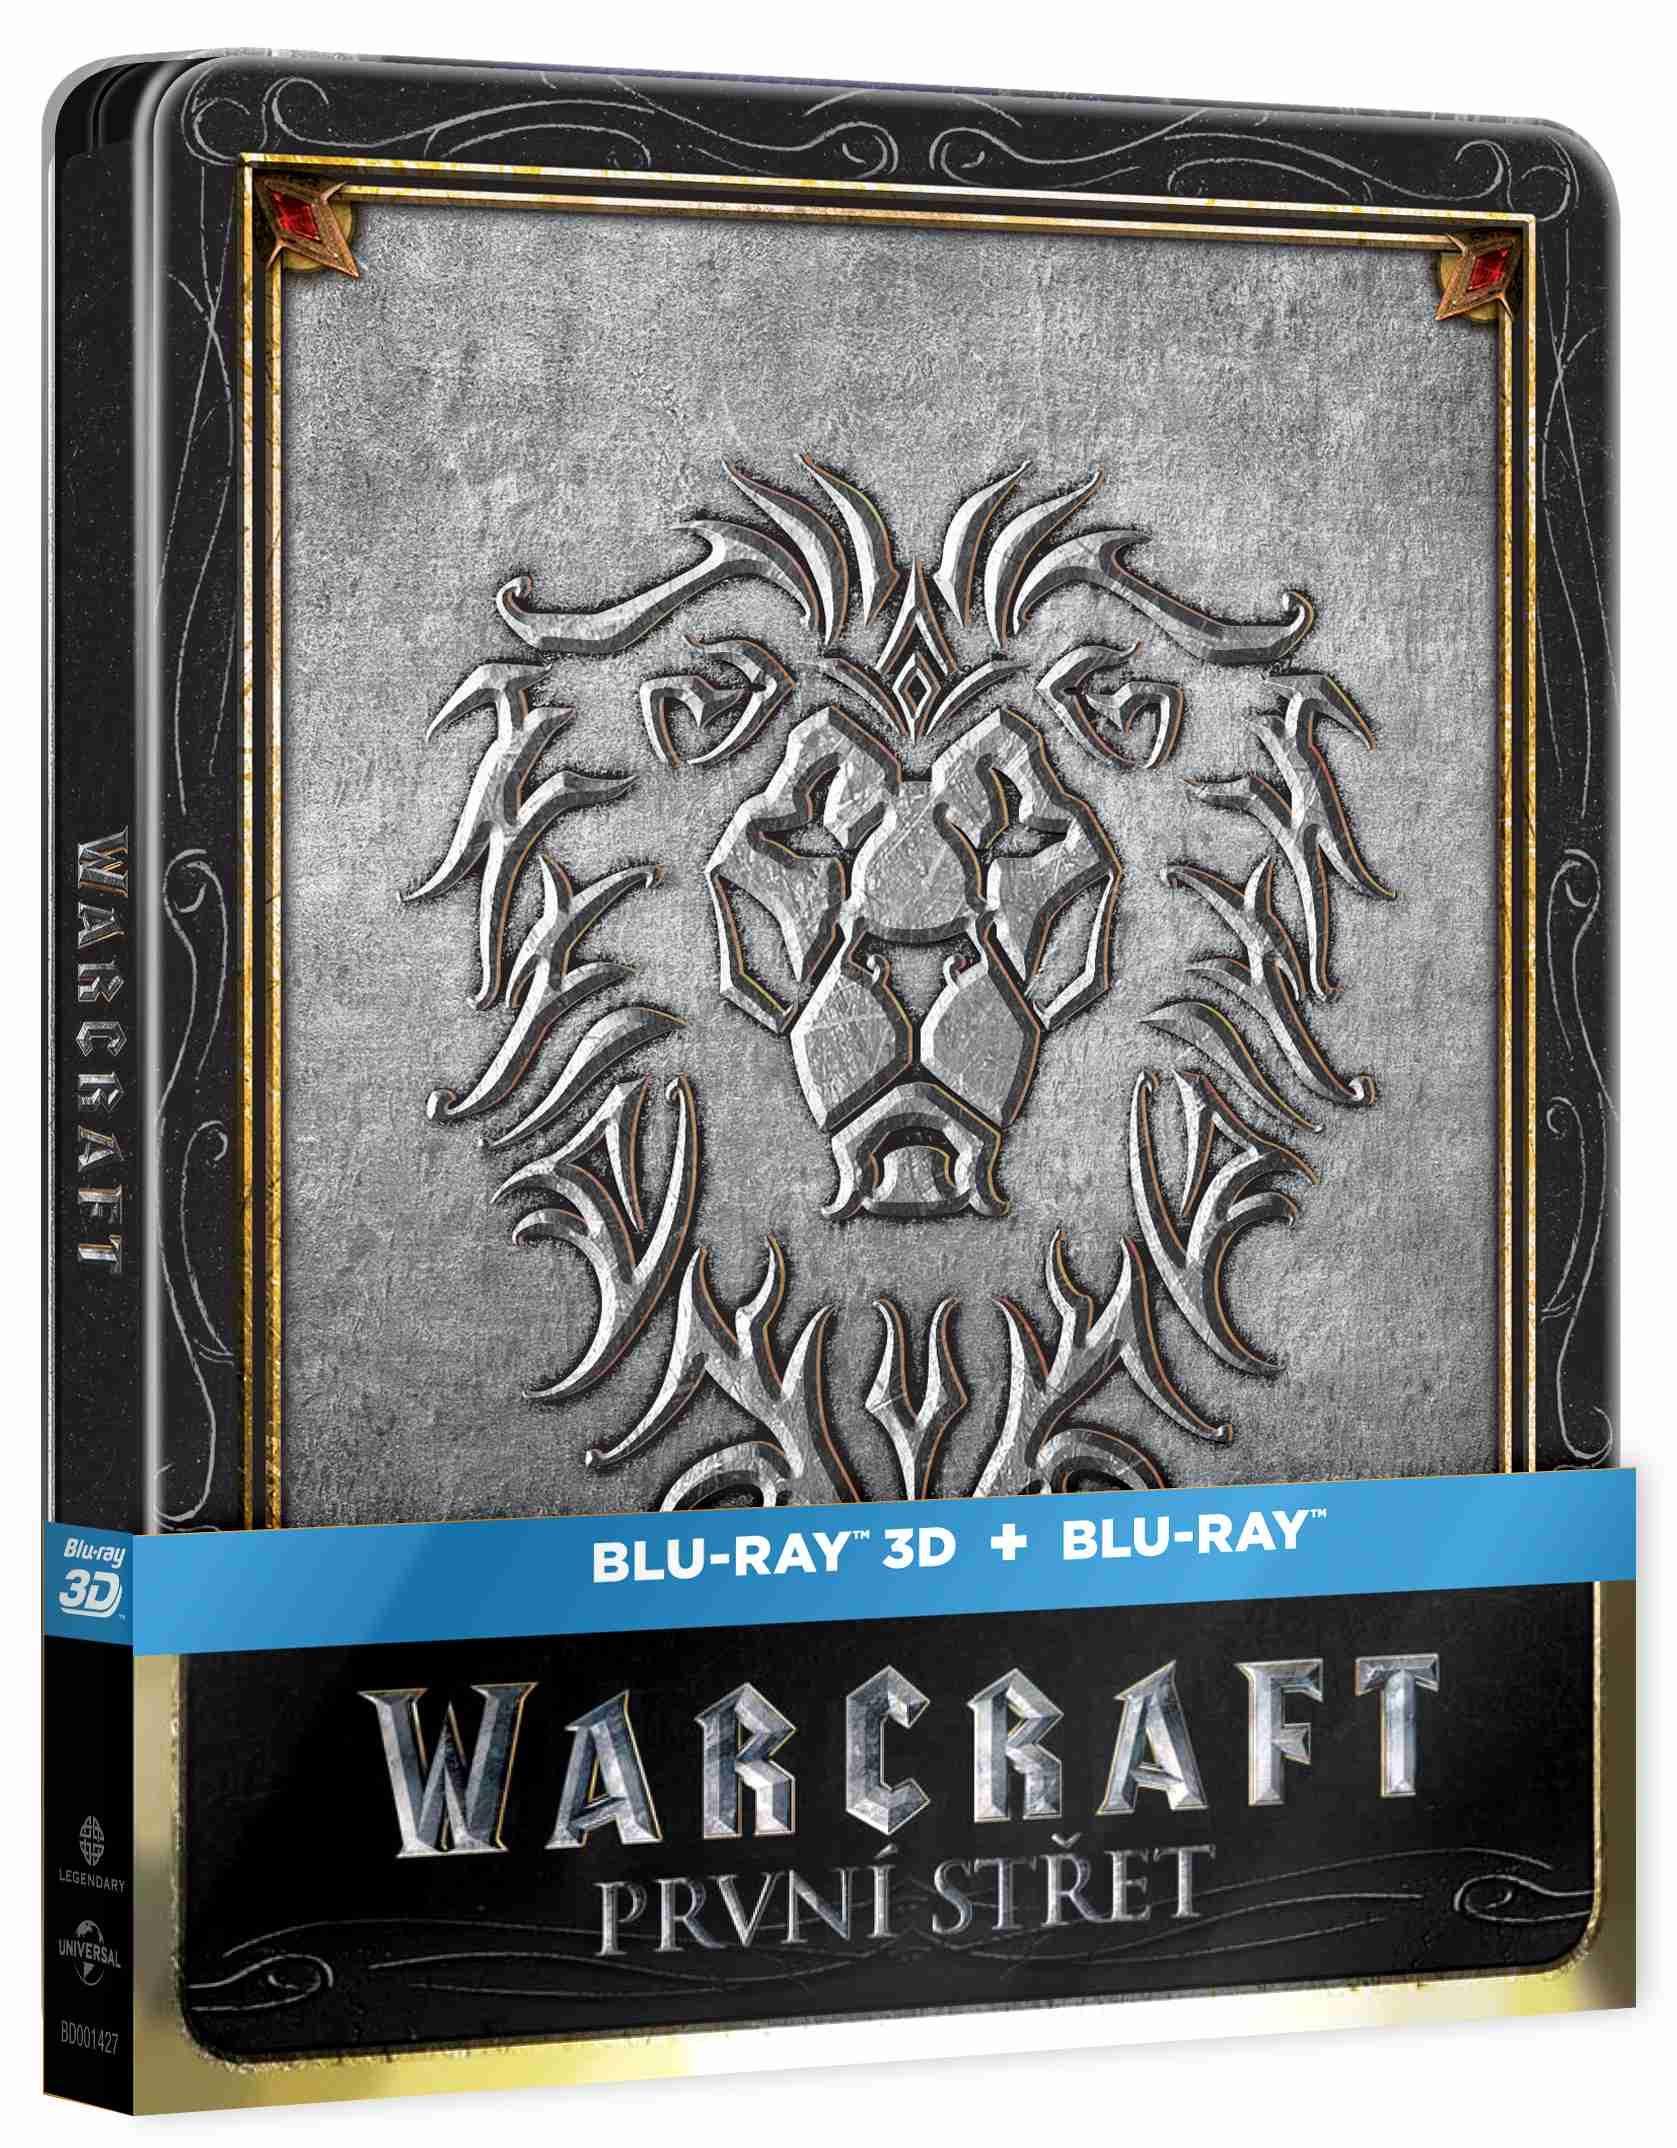 WARCRAFT: PRVNÍ STŘET - Blu-ray 3D + 2D STEELBOOK